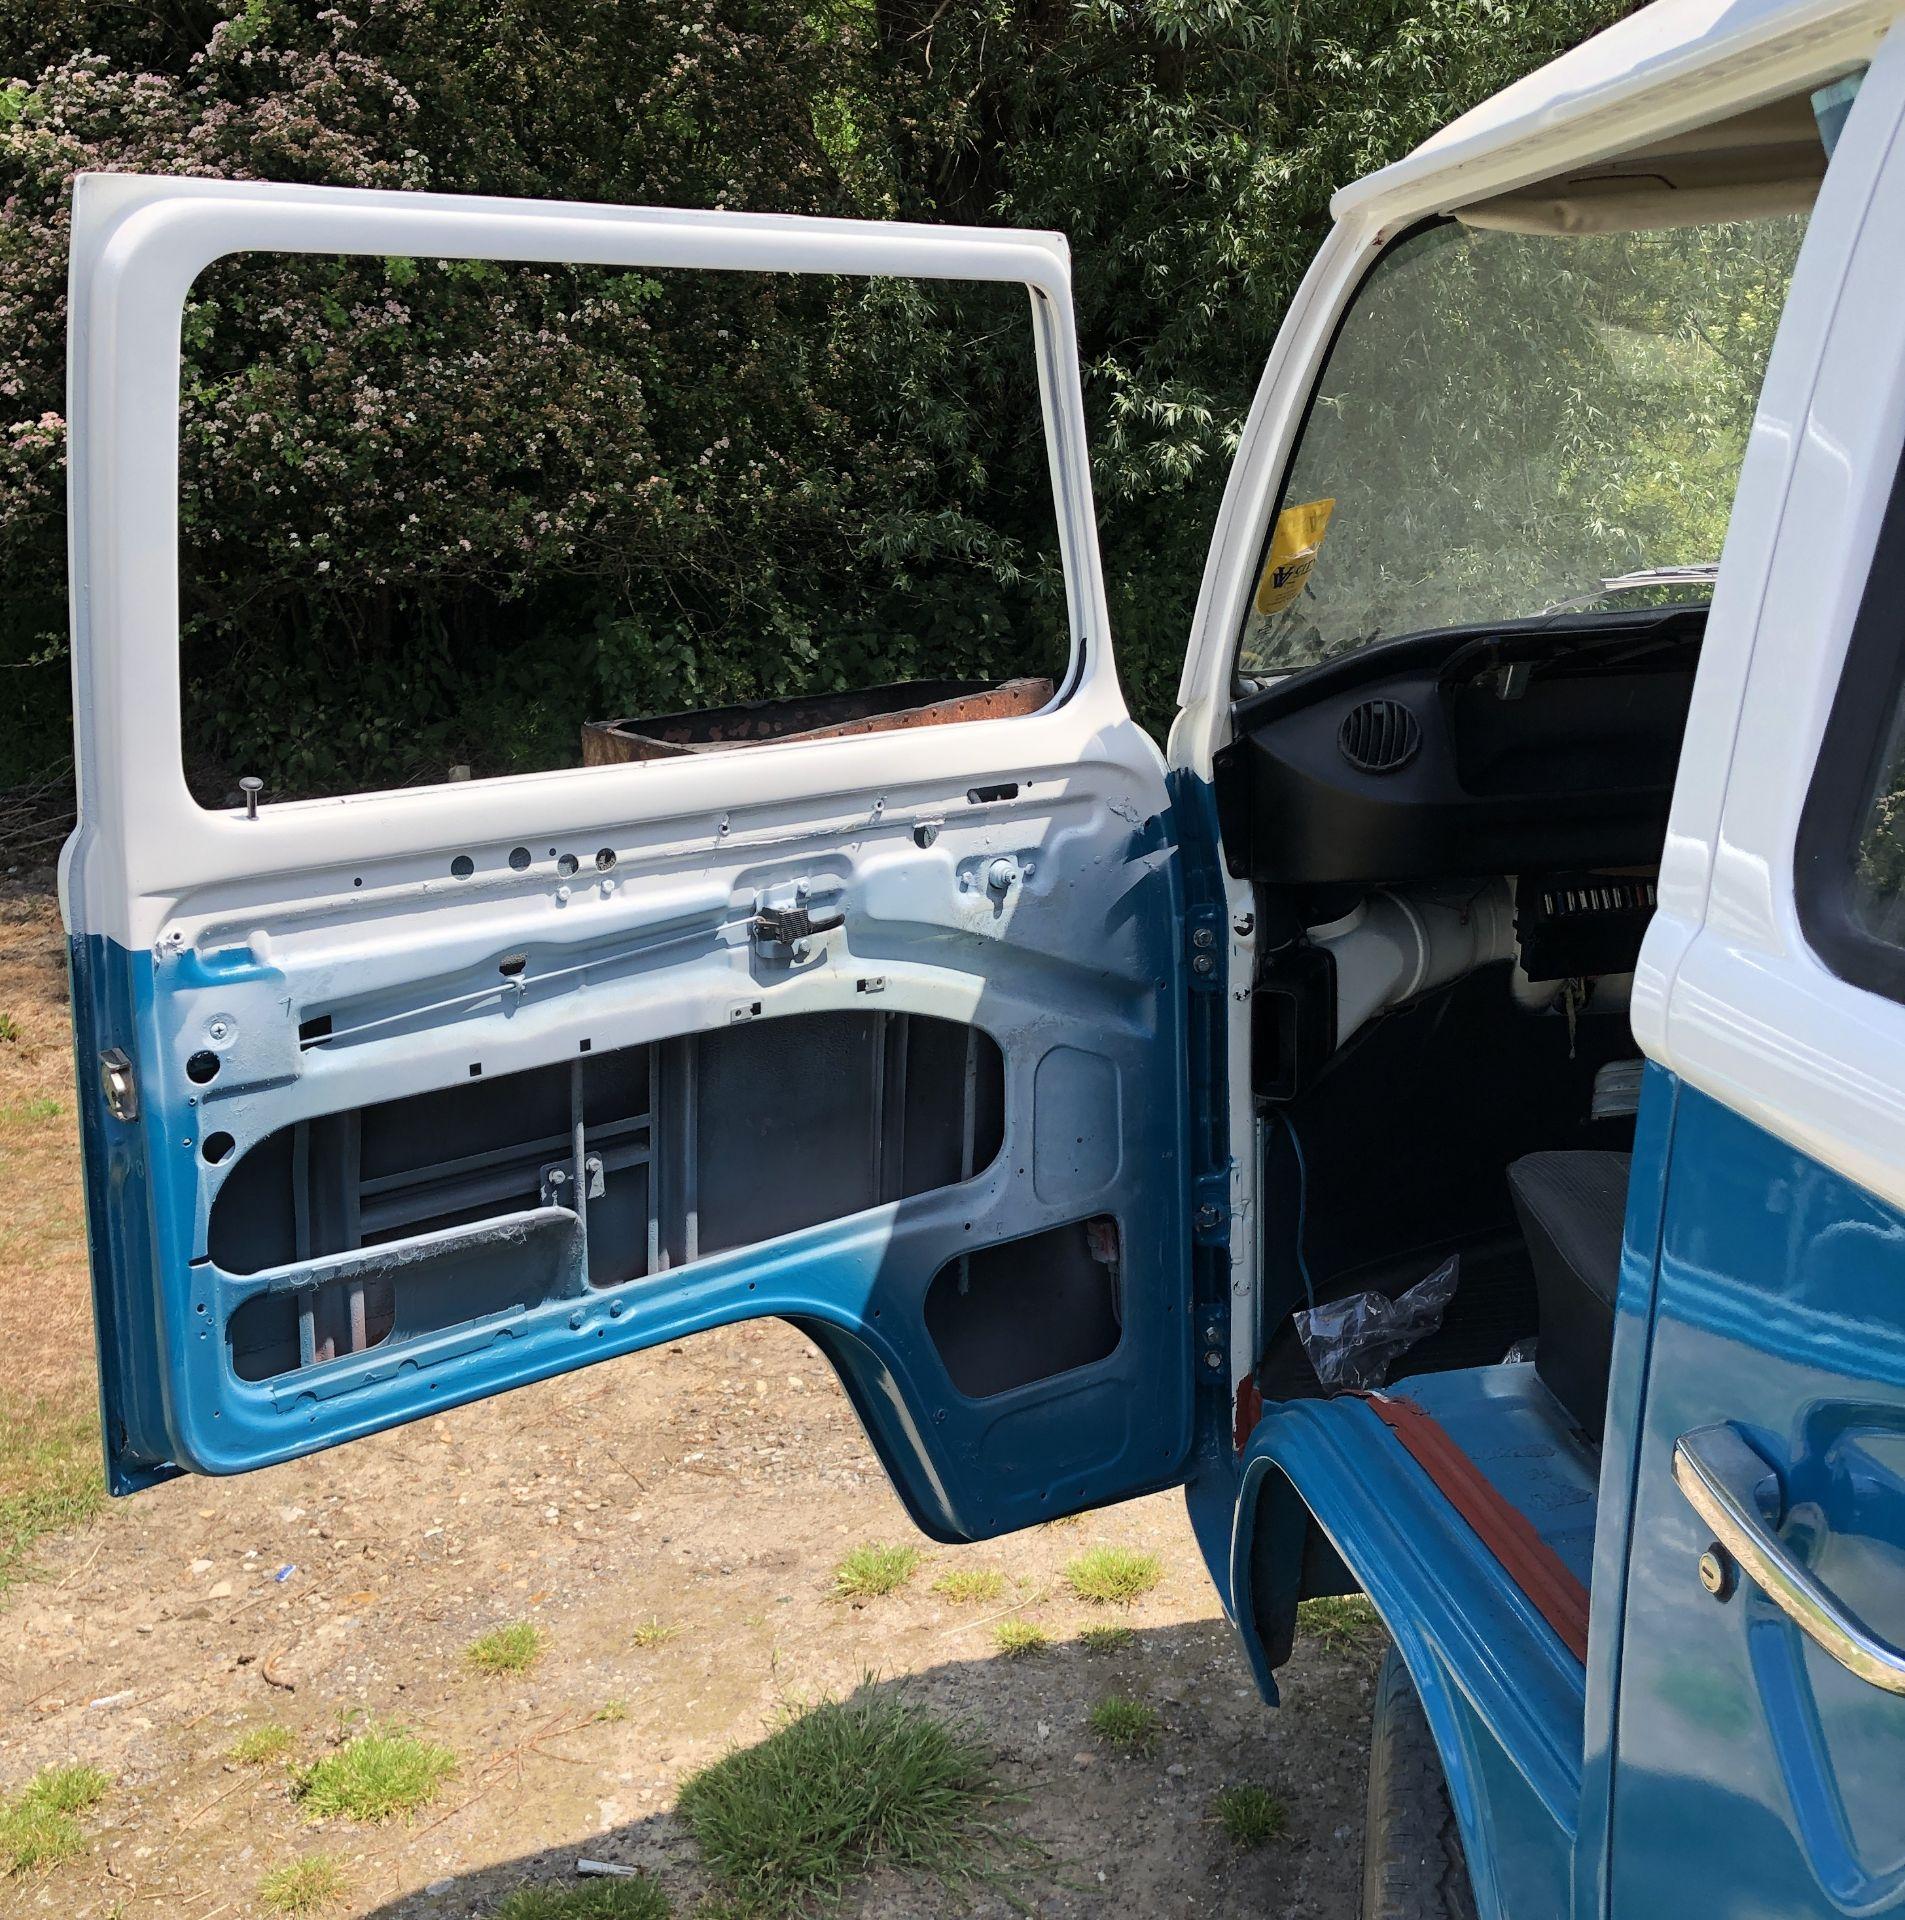 VW Microbus 8 Seater Caravanette Devon - 'Mr Blue' Petrol, Registration UMH 420S, First Registered - Image 15 of 47